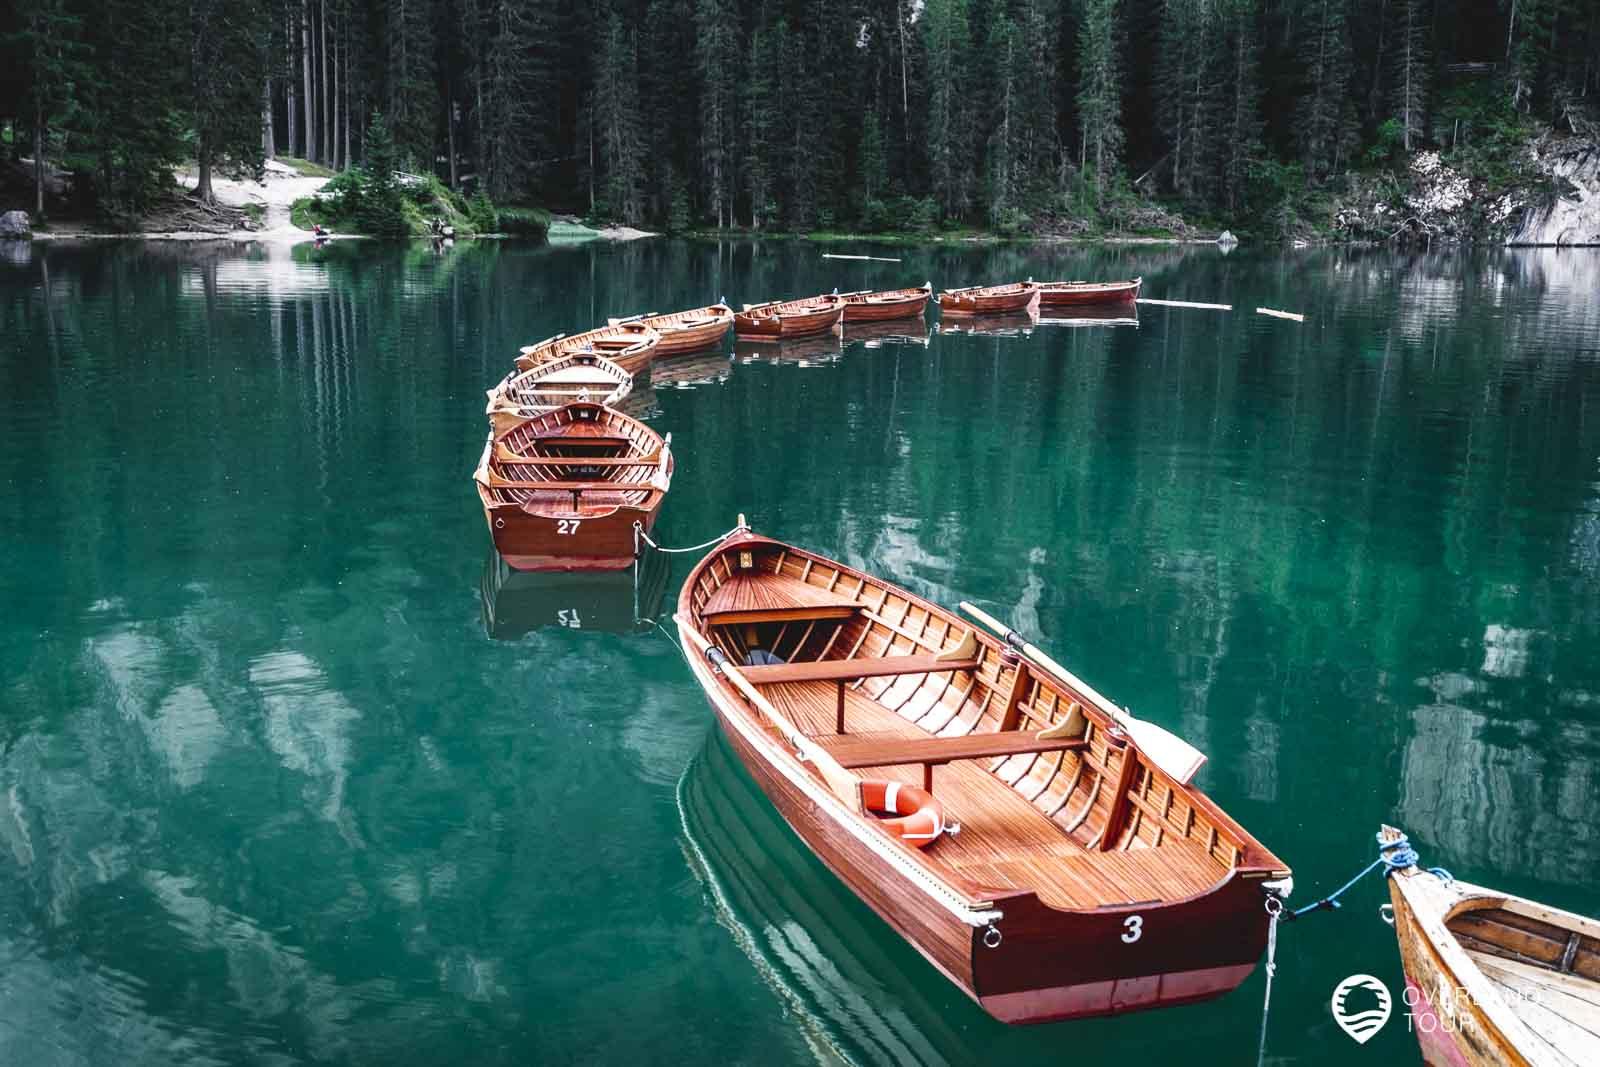 Einfach ein Traum dieser smaragdgrüne funkelnde Juwel - Der Pragser Wildsee